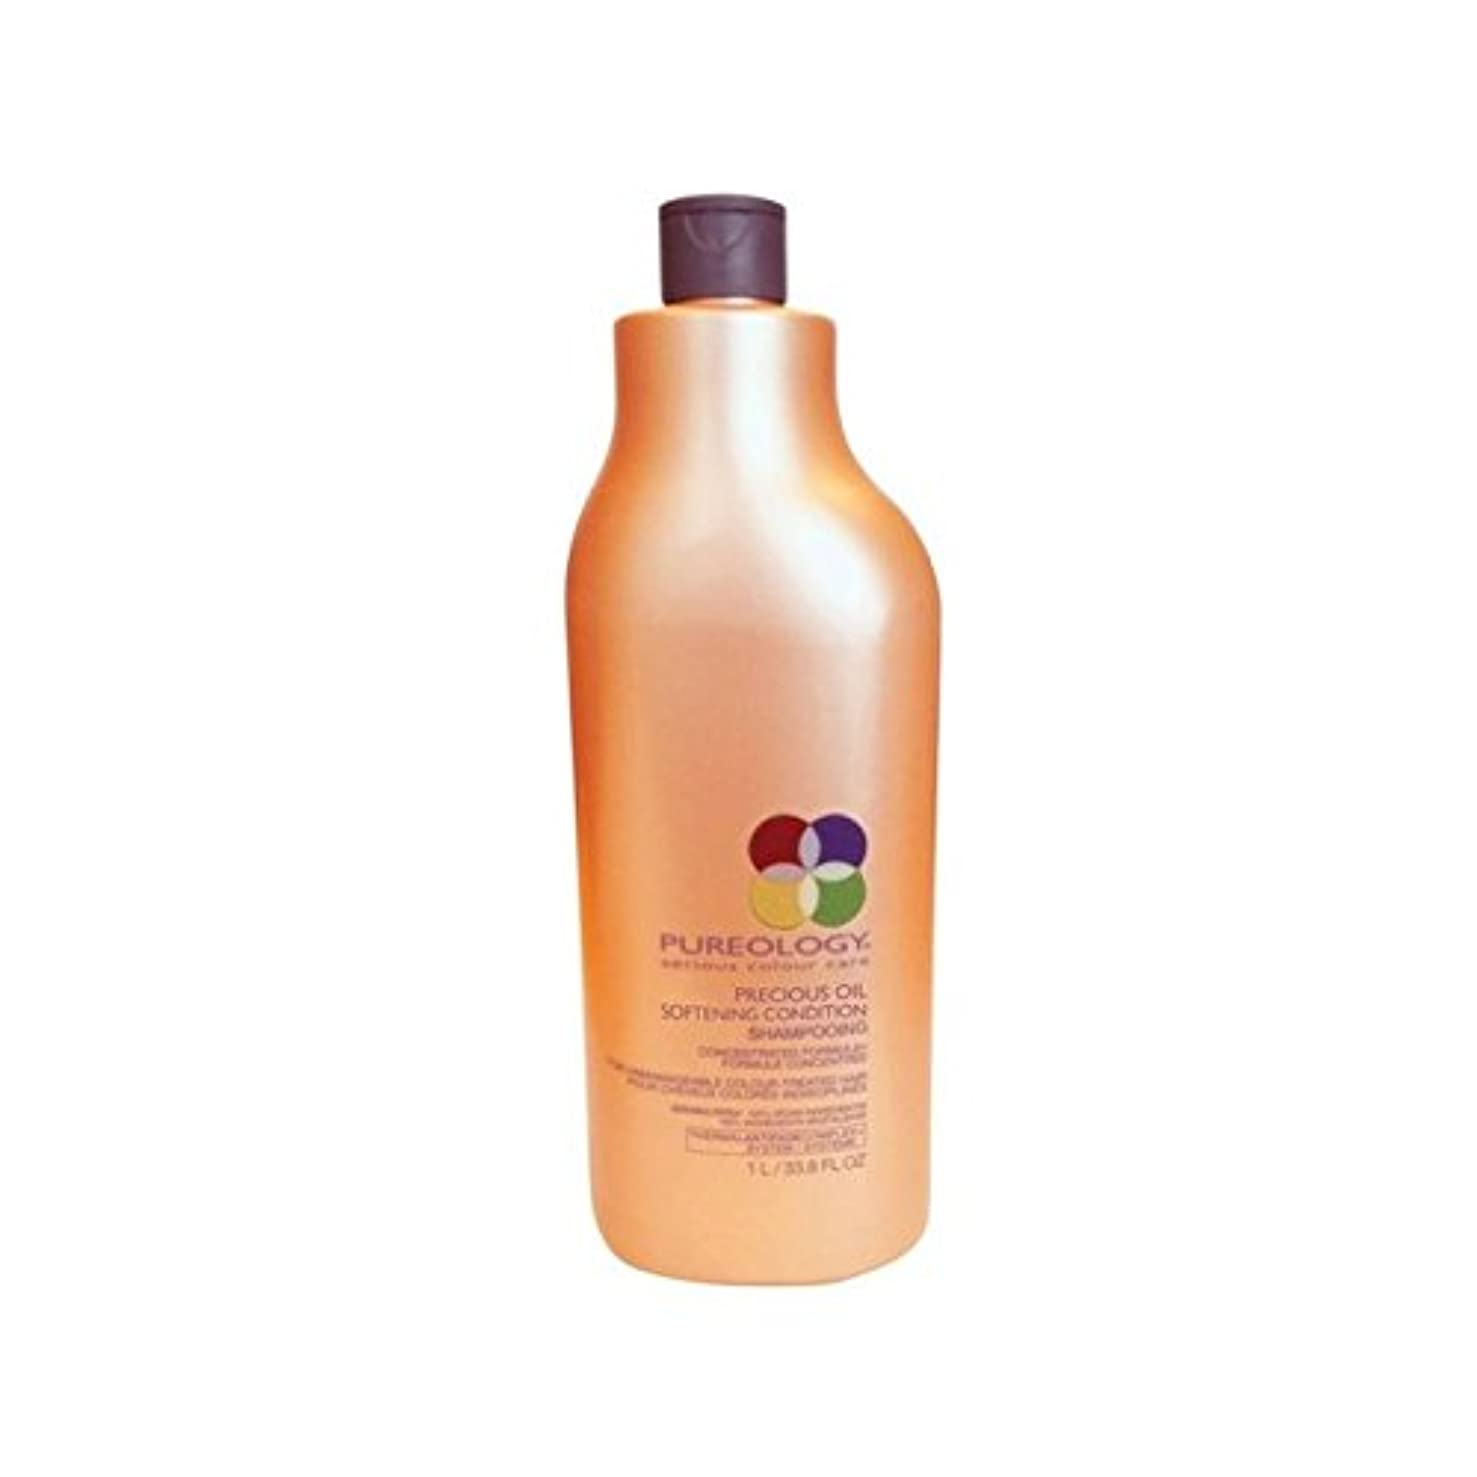 危険を冒します黒くする鹿貴重なオイルコンディショナー(千ミリリットル) x2 - Pureology Precious Oil Conditioner (1000ml) (Pack of 2) [並行輸入品]